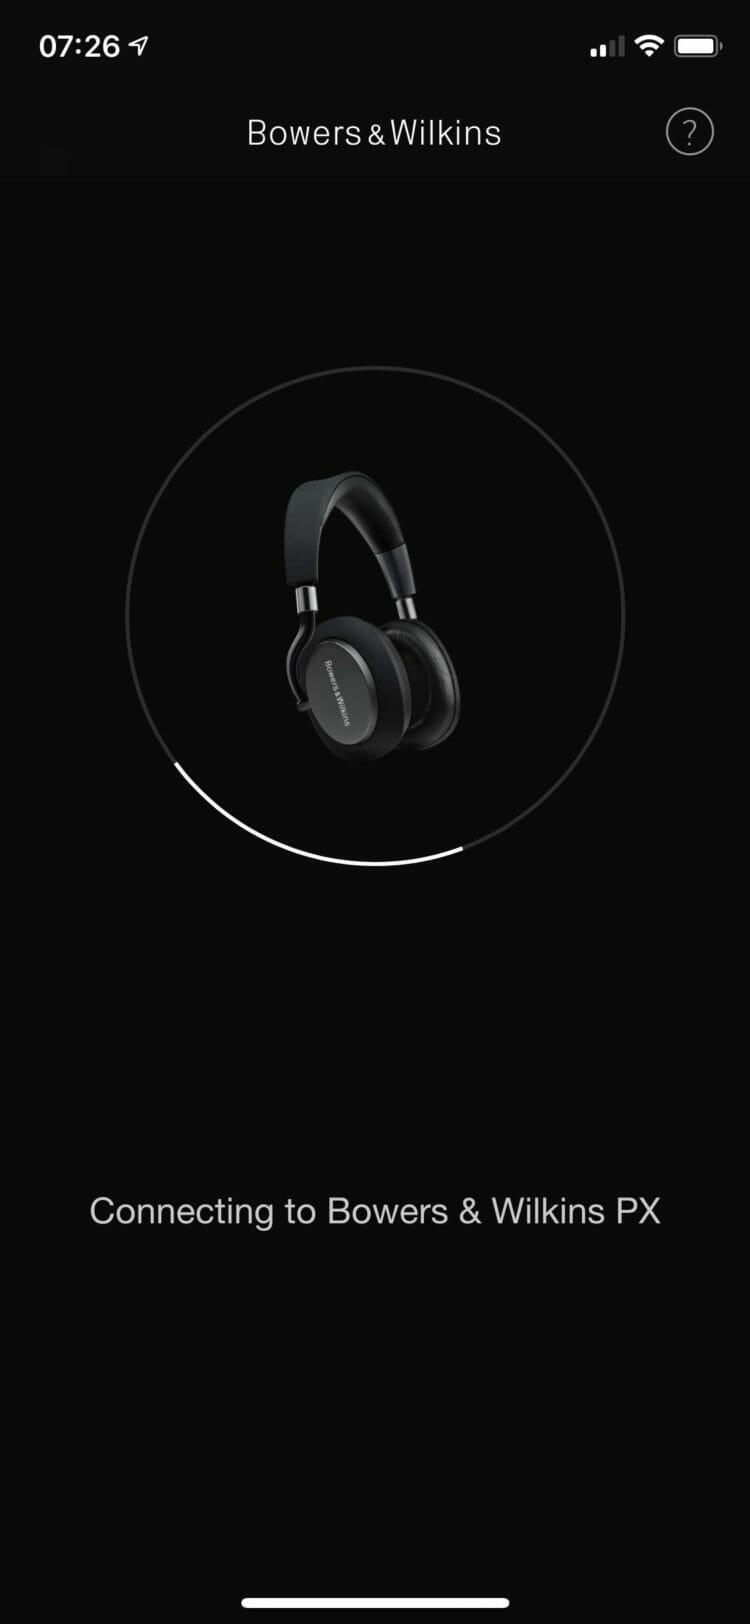 Bowers & Wilkins Headphones app